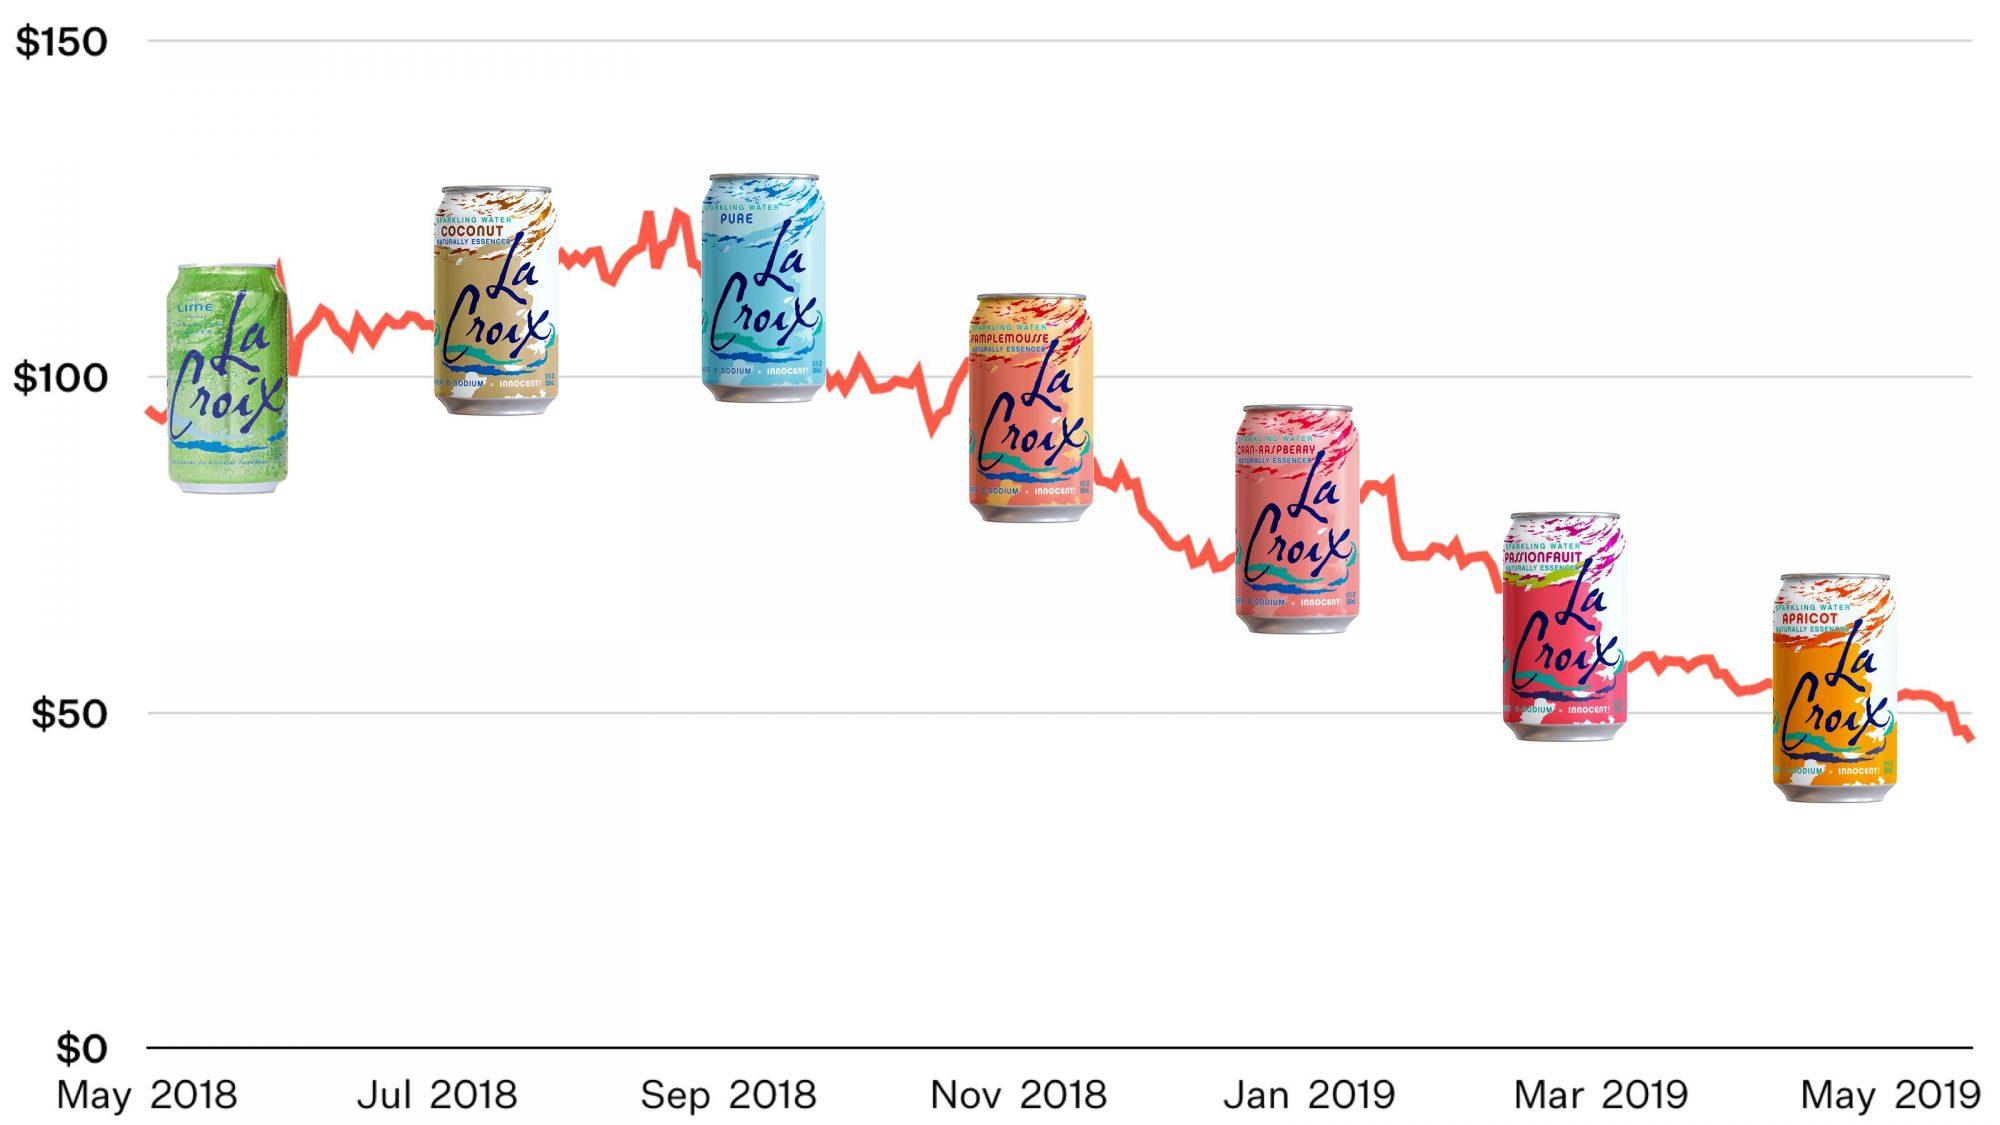 LaCroix stock chart FIZZ